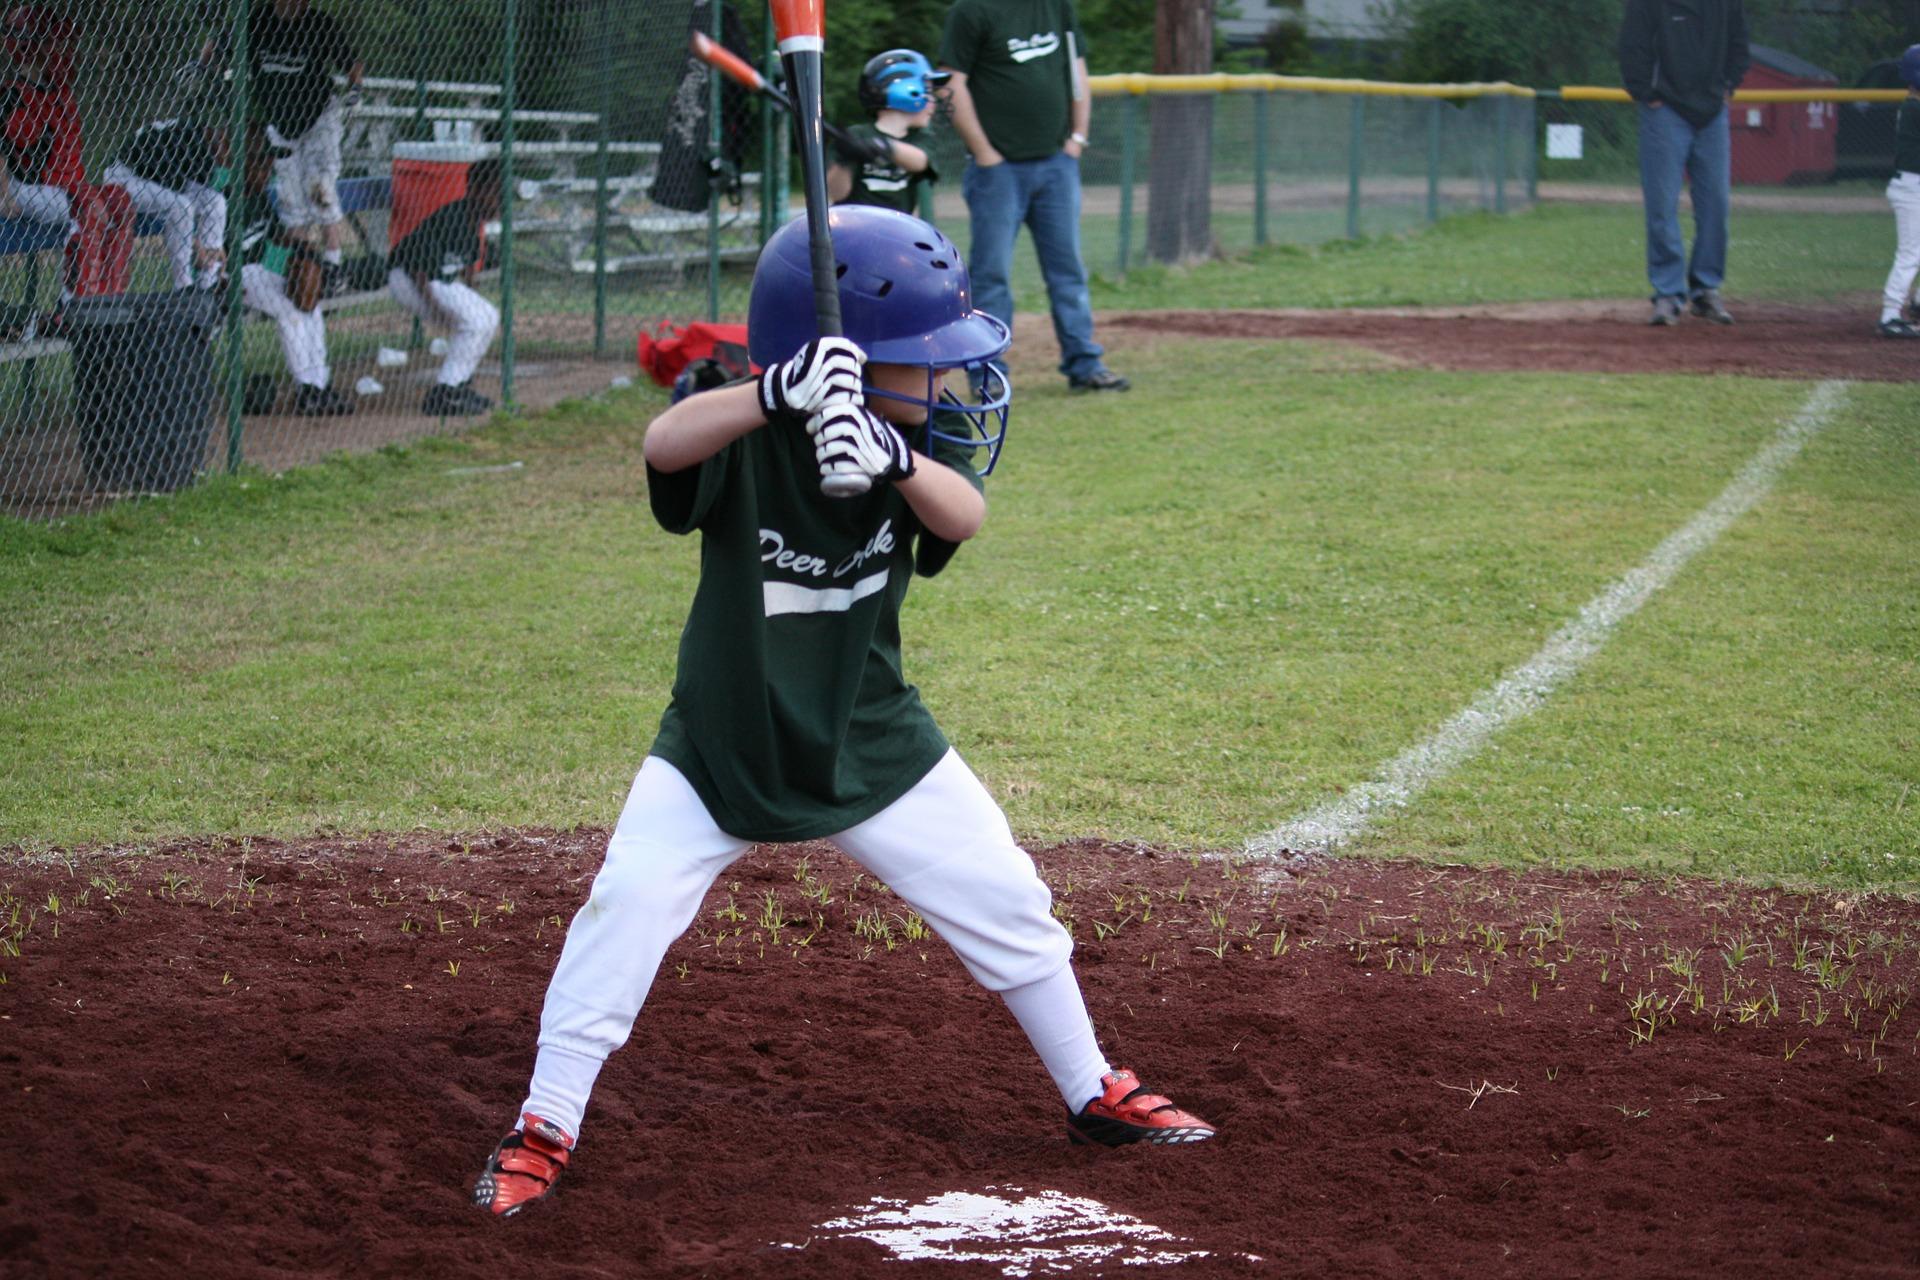 【顔面保護?】プロ野球でフェイスガード着用選手が急増中!打力アップの秘密